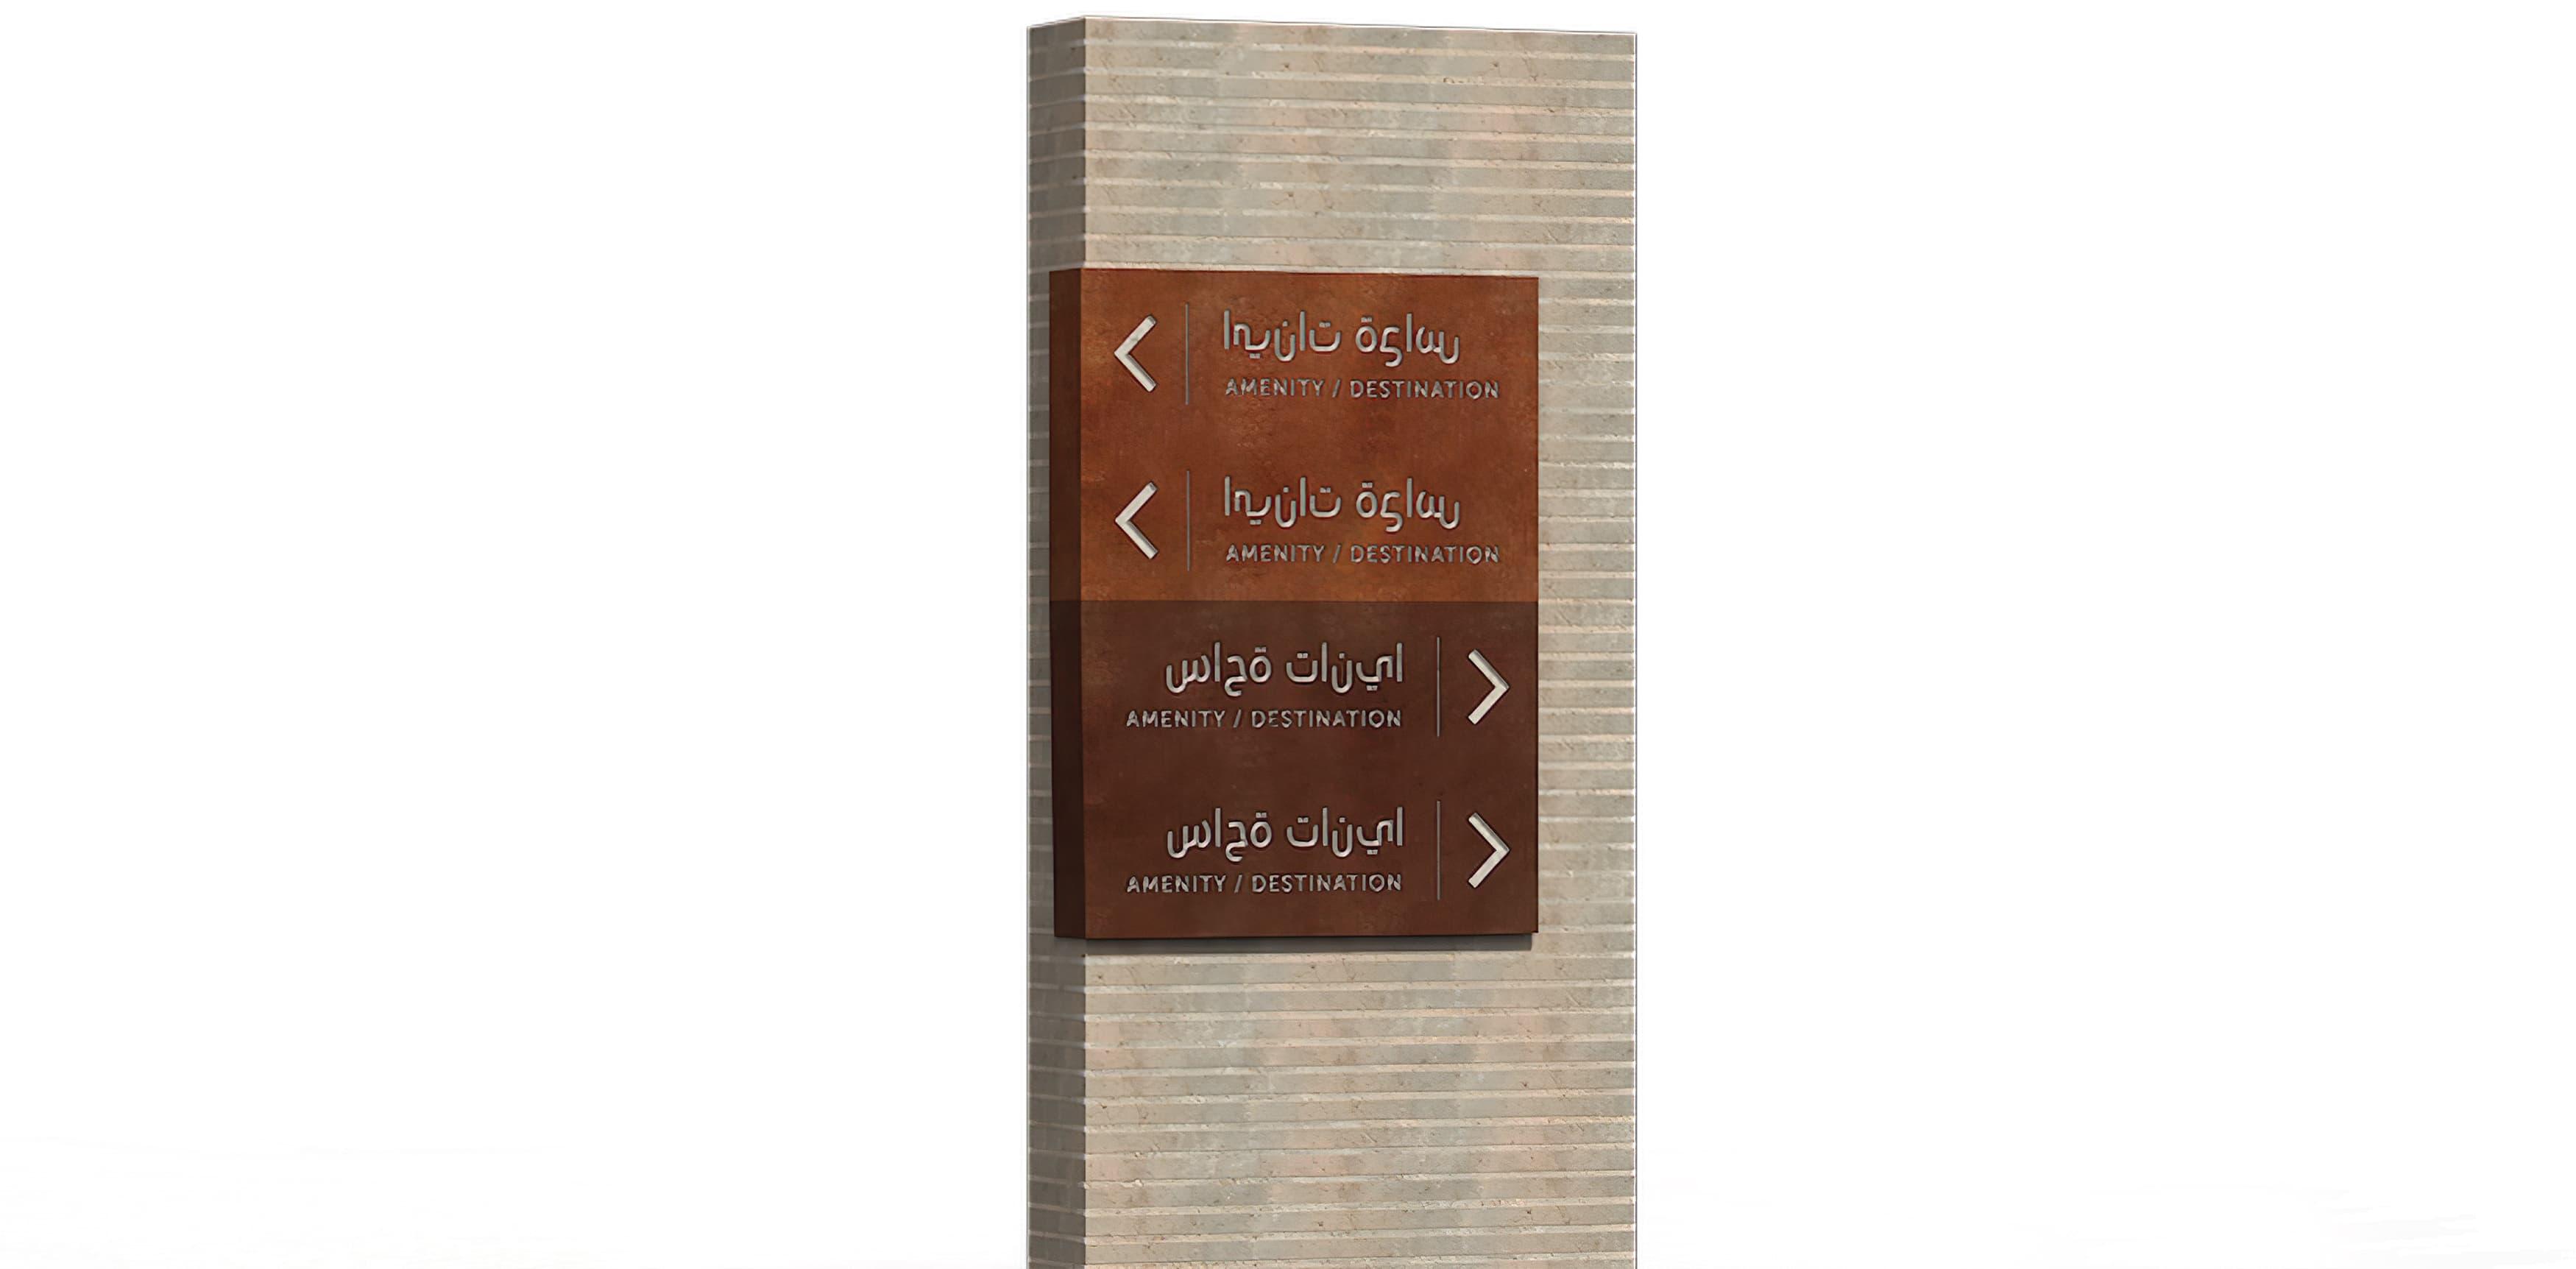 Al Raffah, a residential development in Bahrain. Wayfinding Signage.